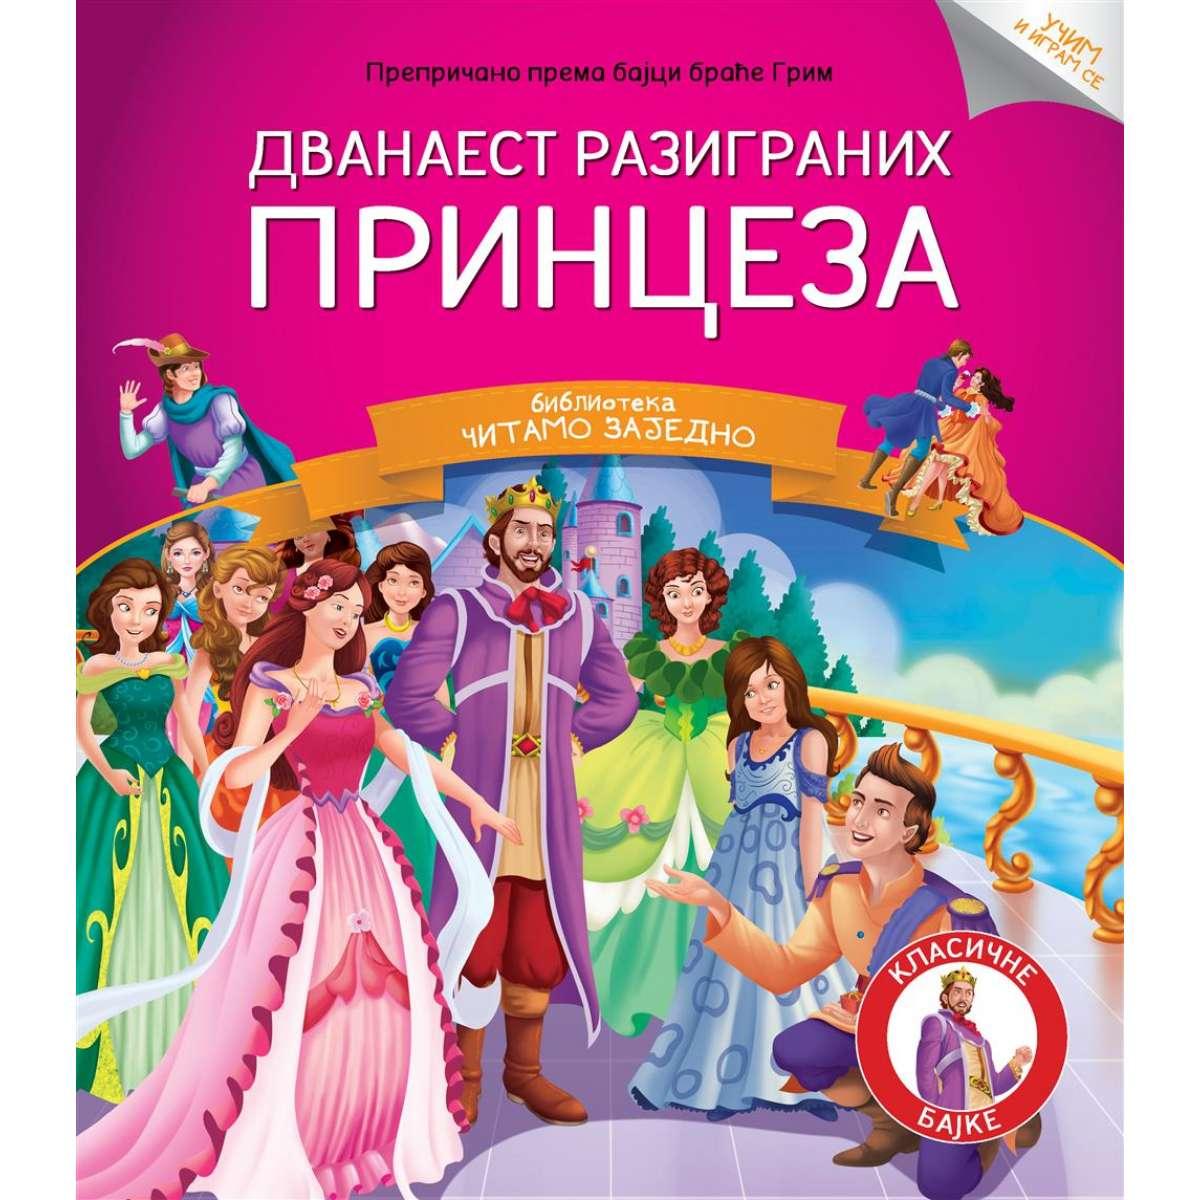 ČITAMO ZAJEDNO – Dvanaest razigranih princeza